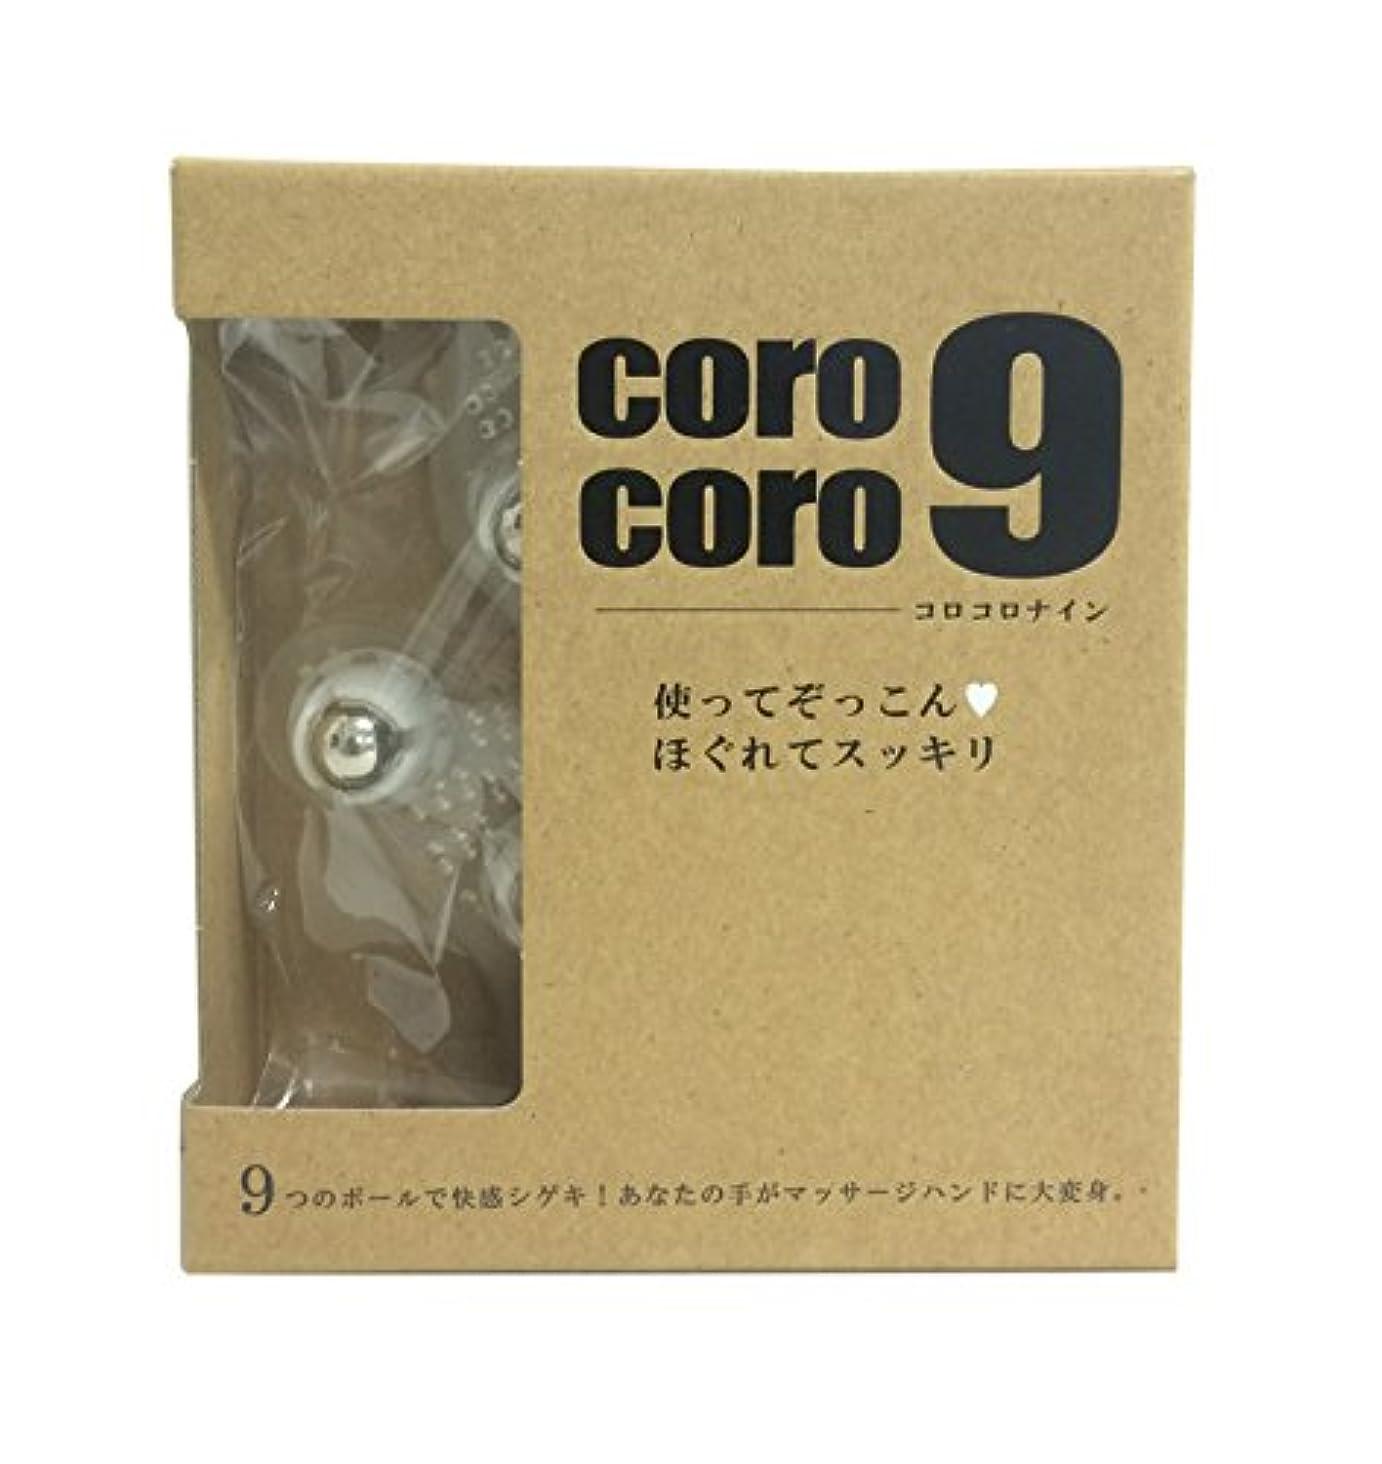 飢近傍コンデンサーReシリーズ CoroCoro9 クリア